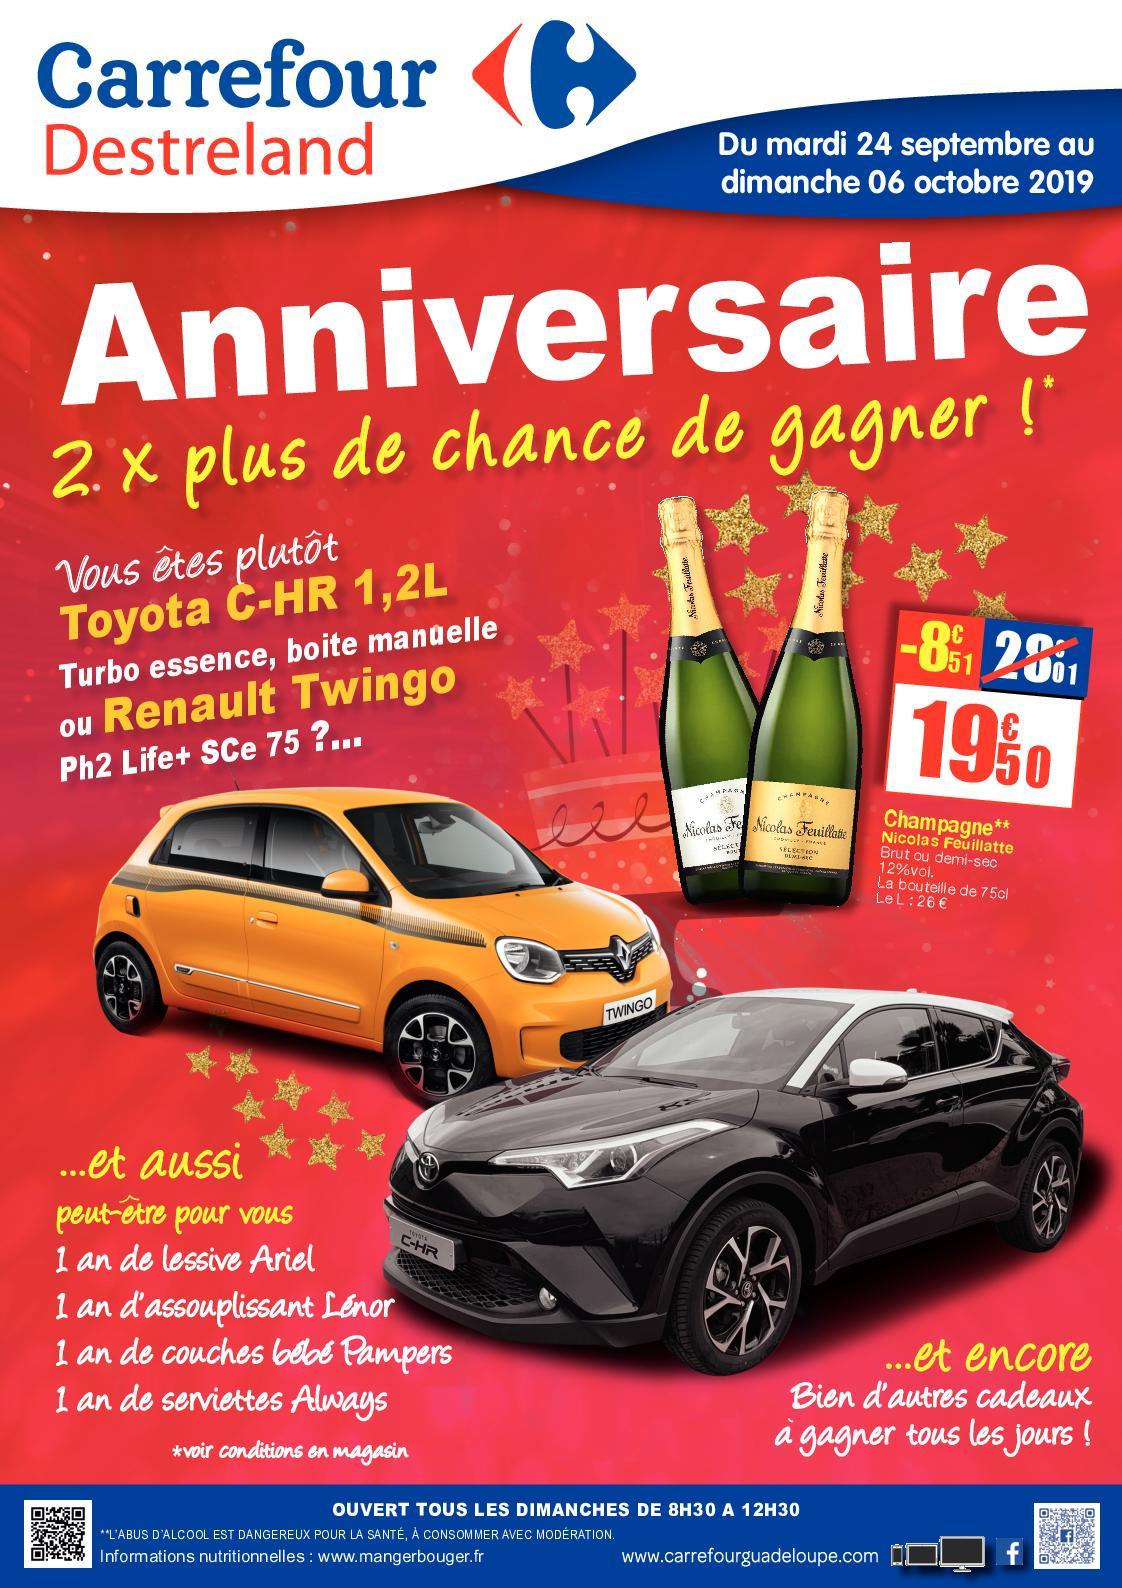 Calameo 20190924 Catalogue Anniversaire Carrefour Destreland